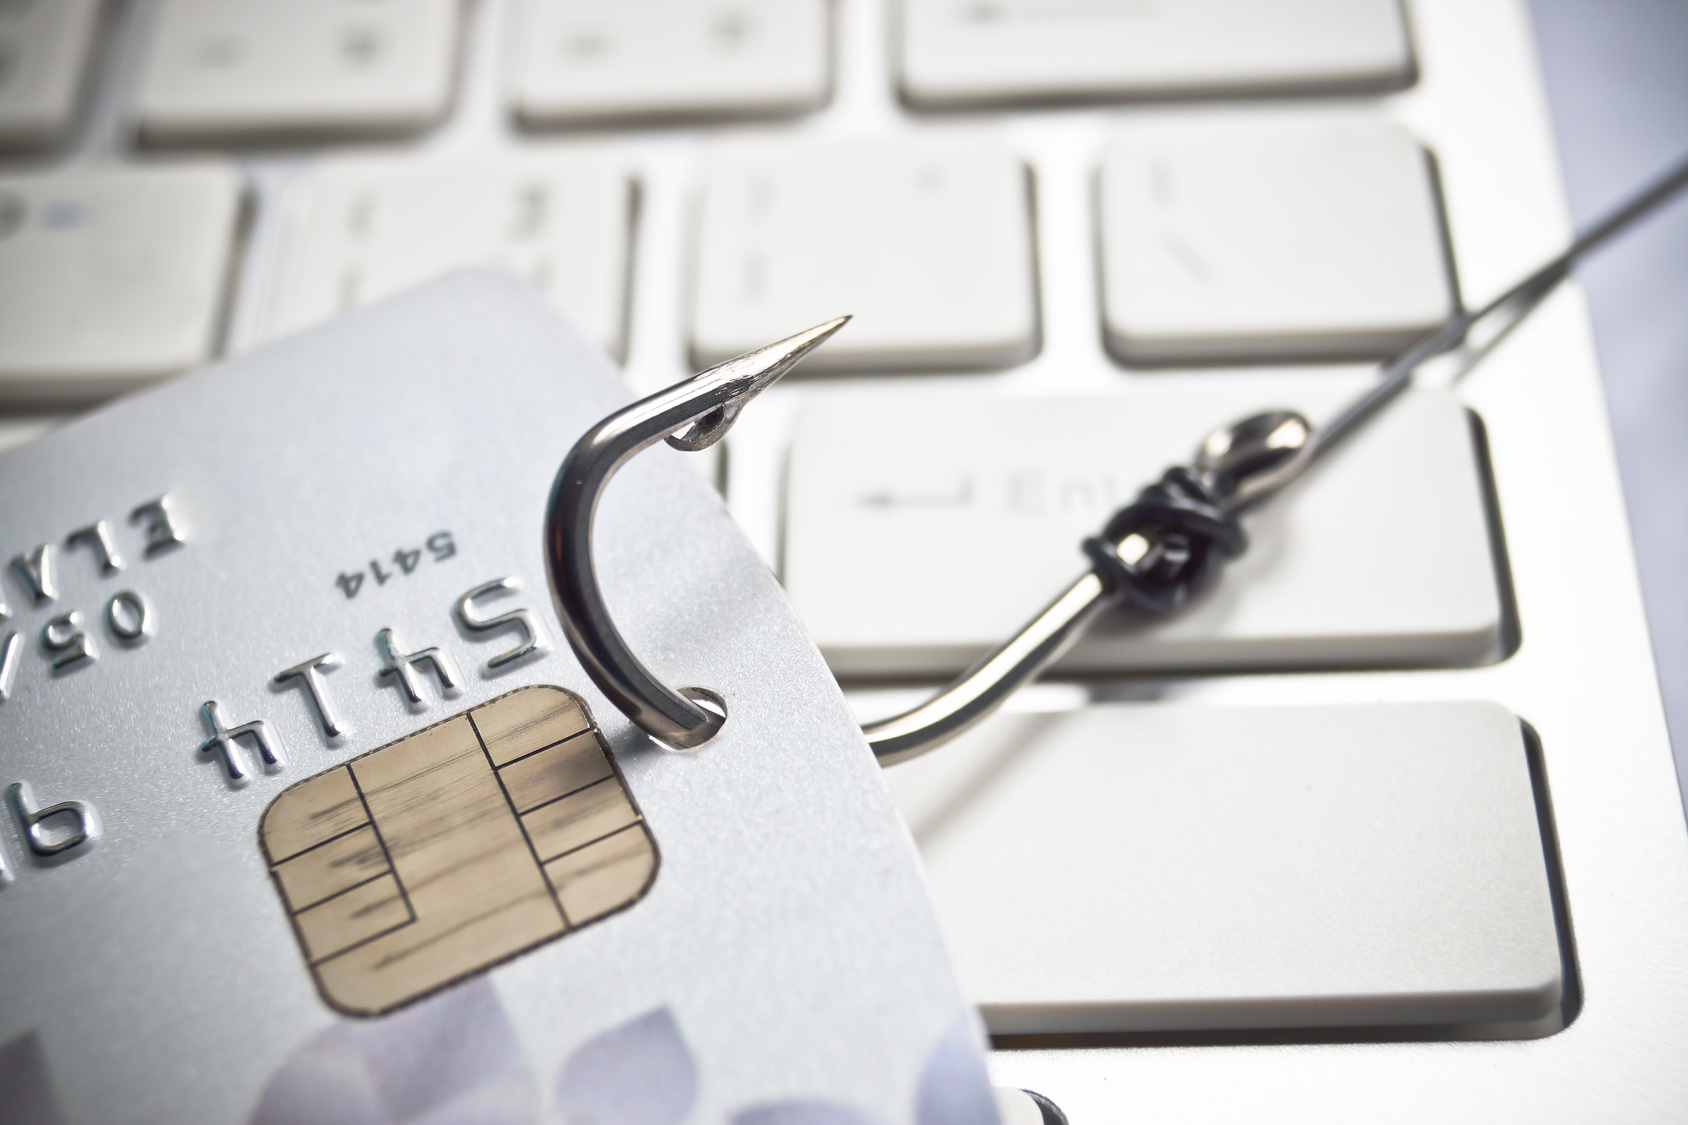 kreditkartenbetrug schutz vor kreditkartenmissbrauch. Black Bedroom Furniture Sets. Home Design Ideas